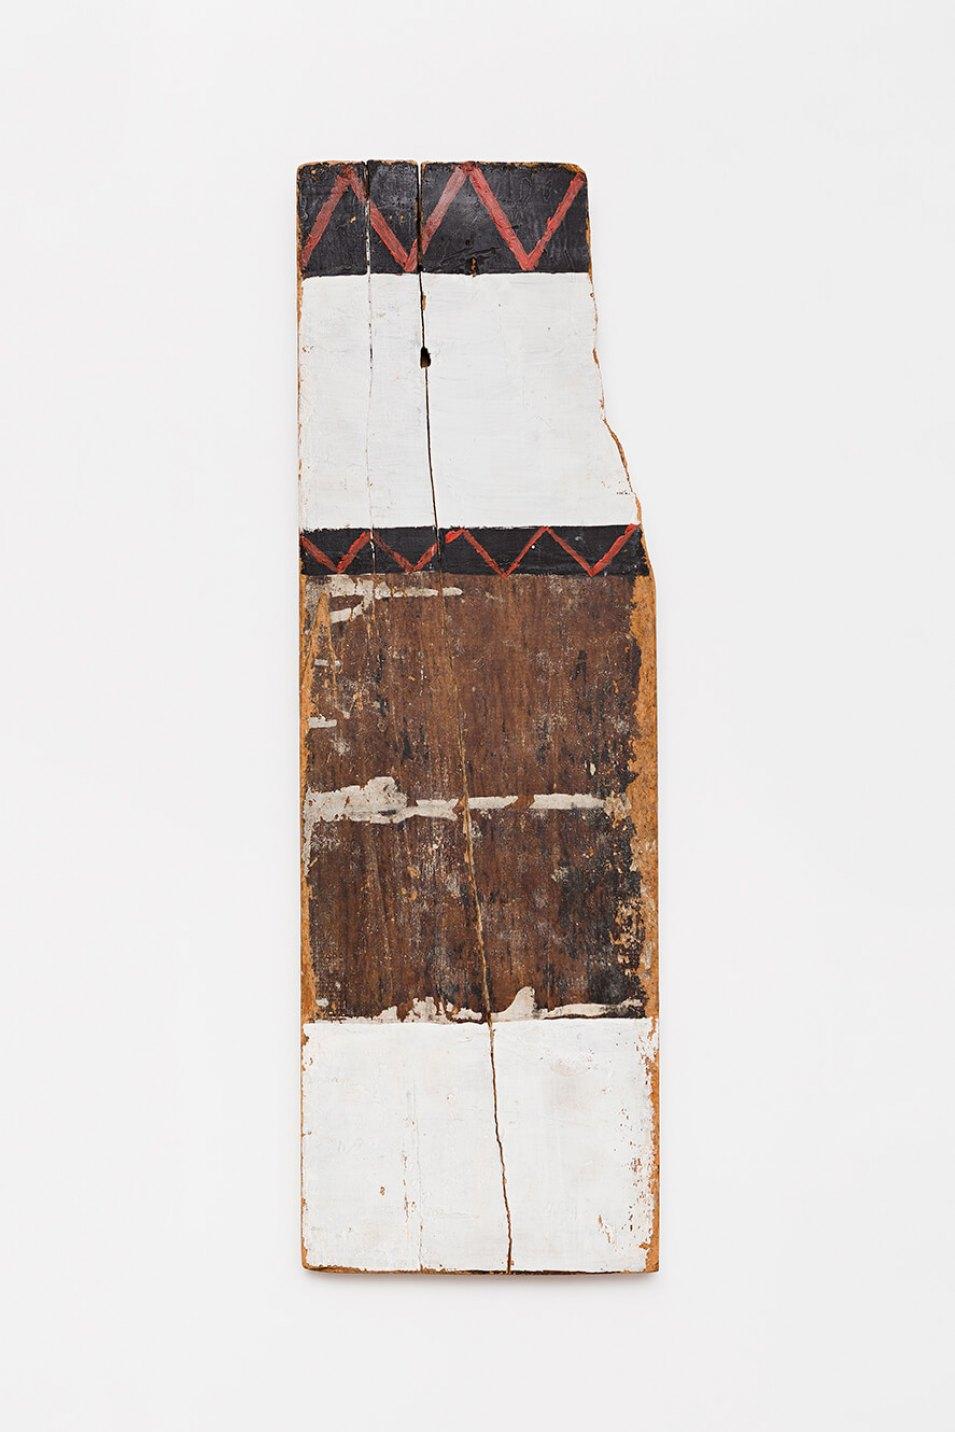 Celso Renato,<em>untitled,</em> n/a,acrylic on wood,75 × 24×2 cm - Mendes Wood DM